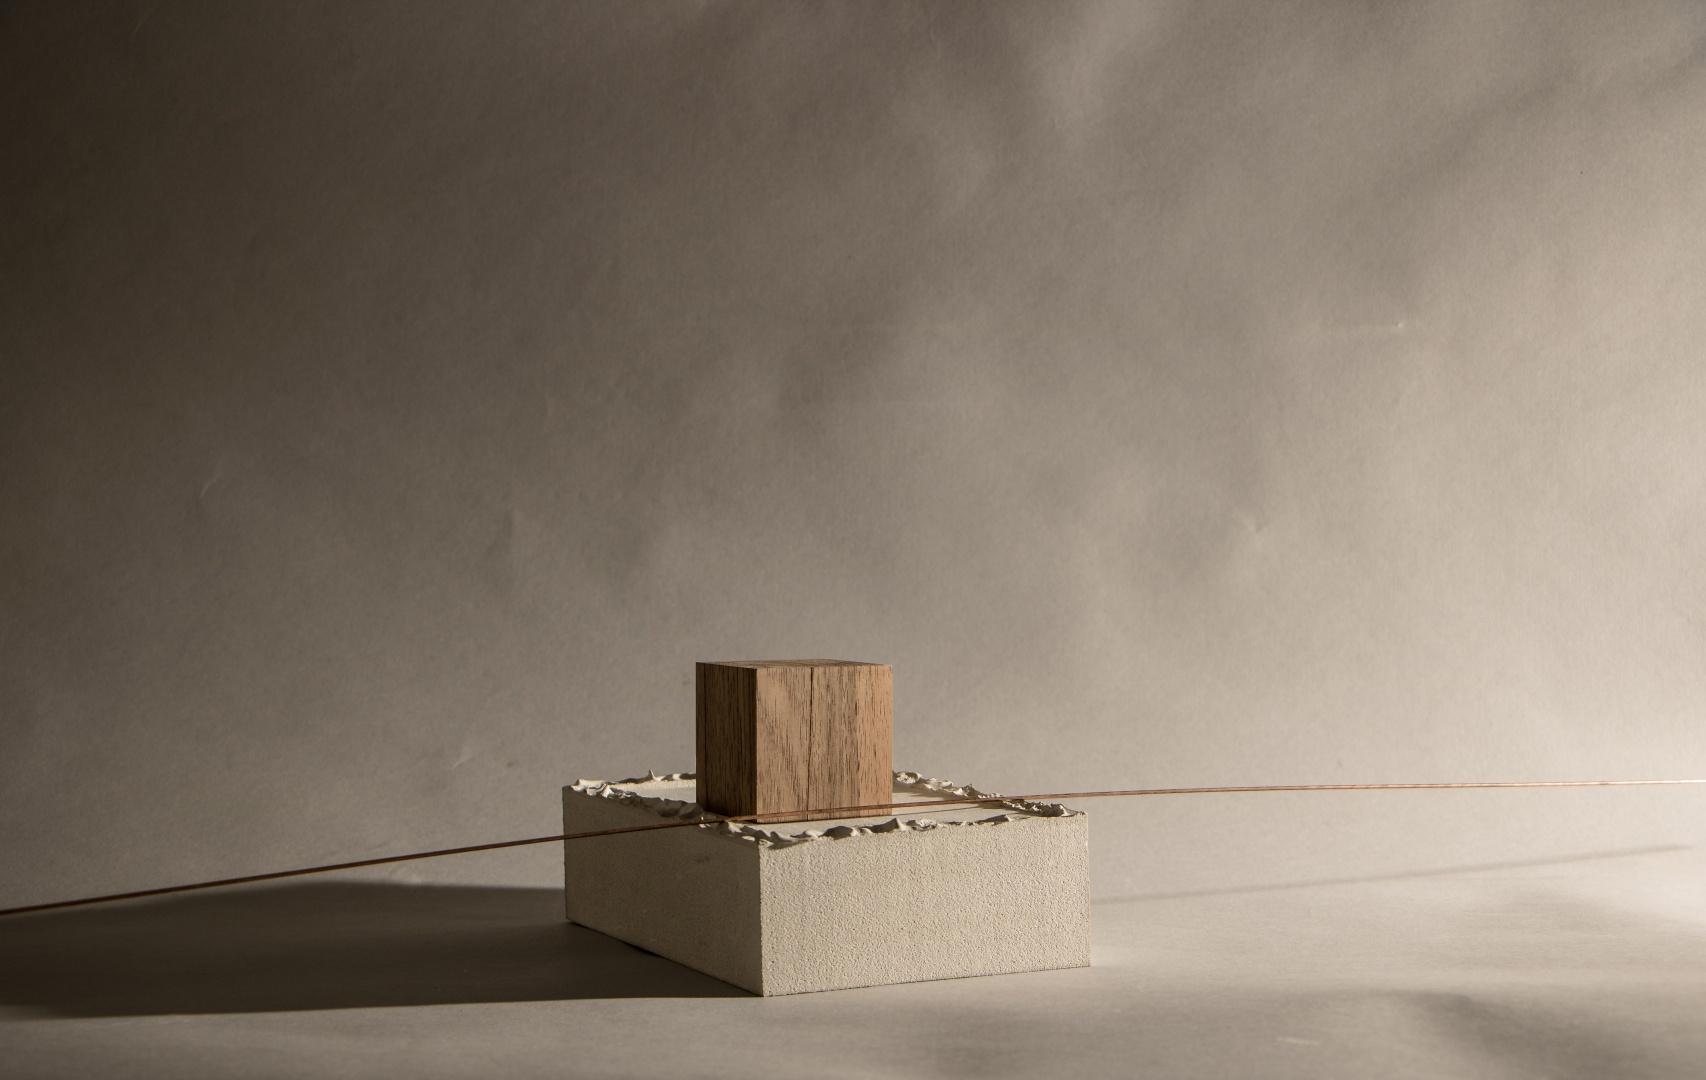 Gipseinfassung, Denkmodell und die Meile vereint © Barbara Ruech